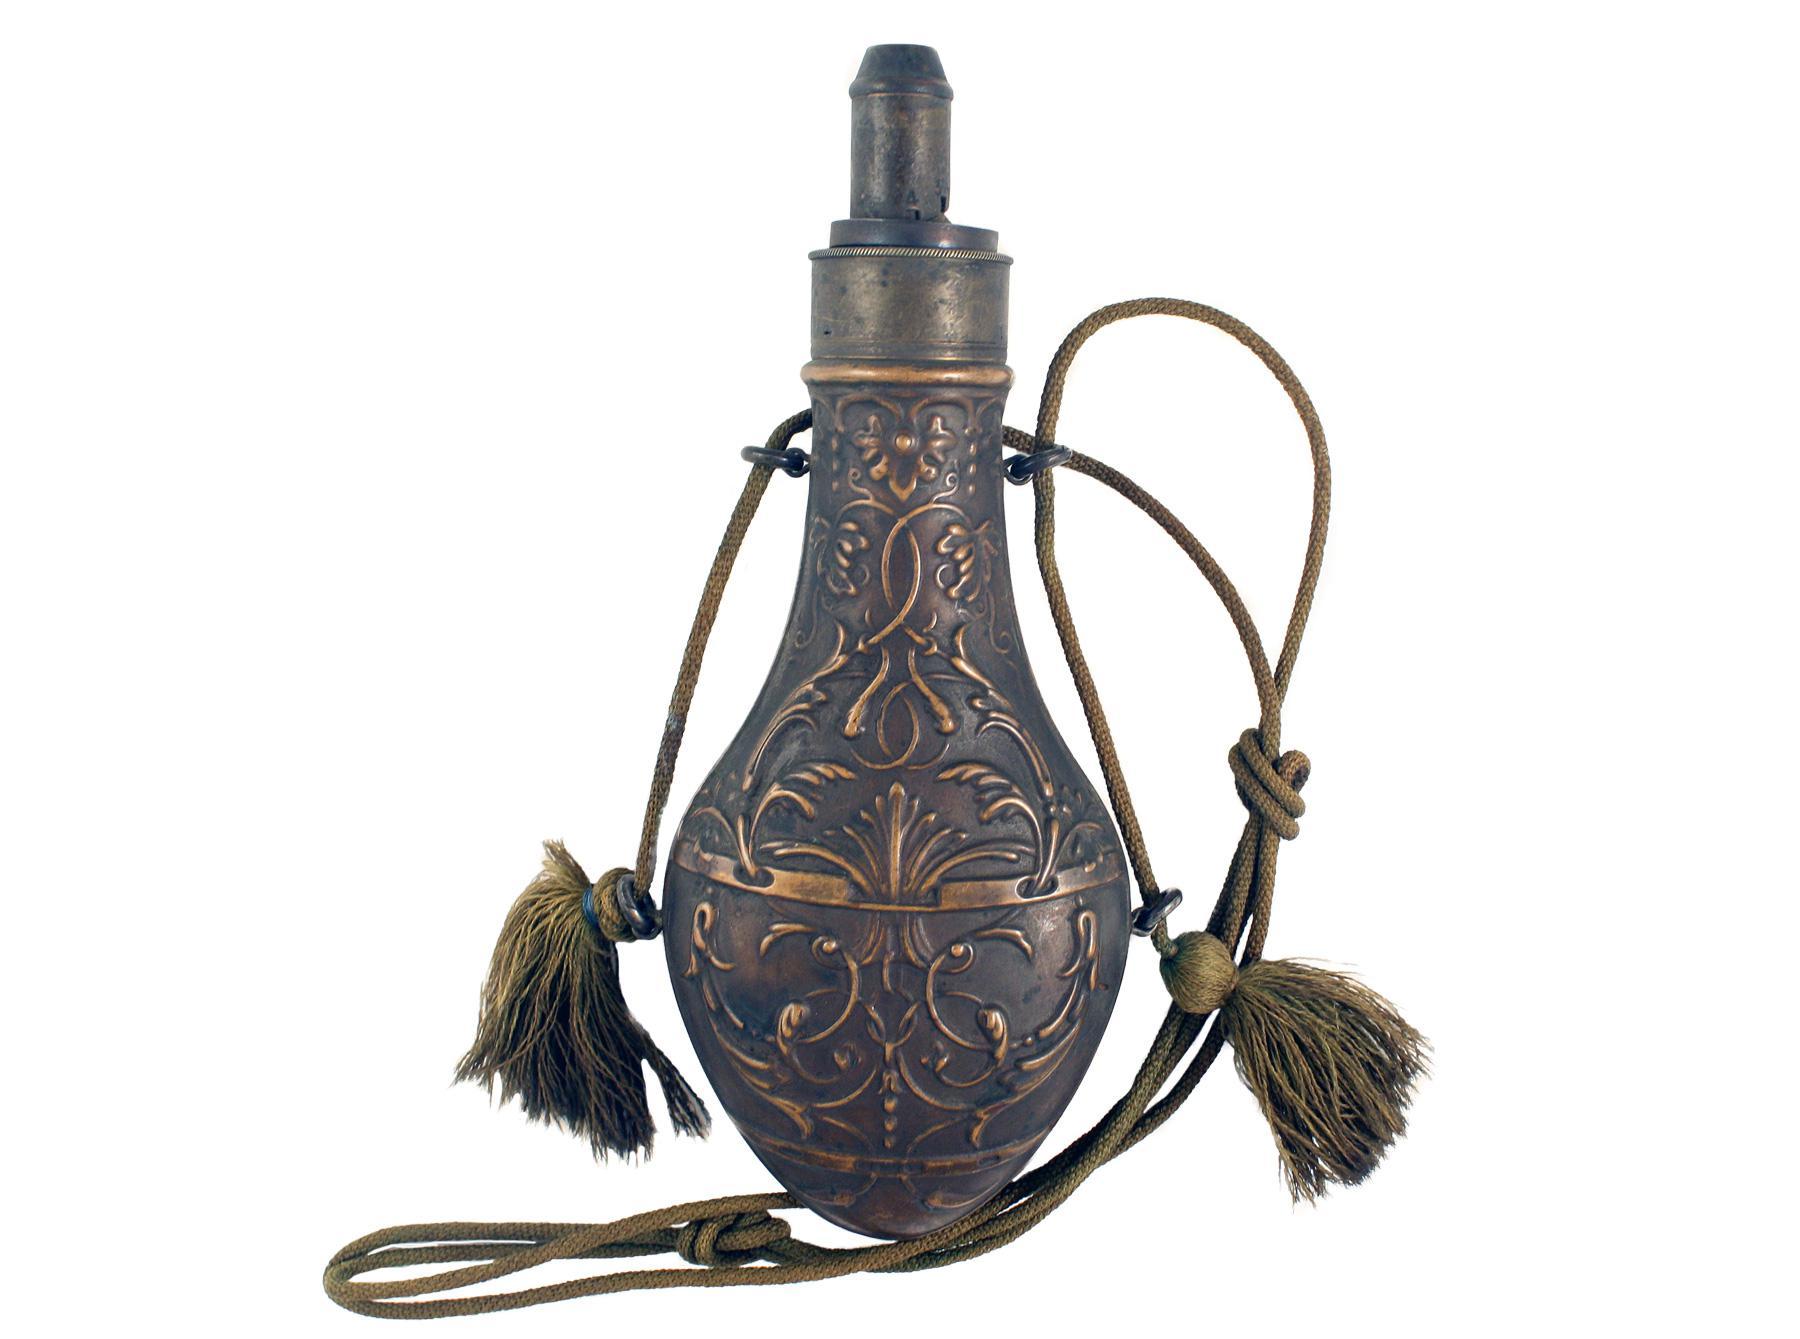 A Foliate Powder Flask